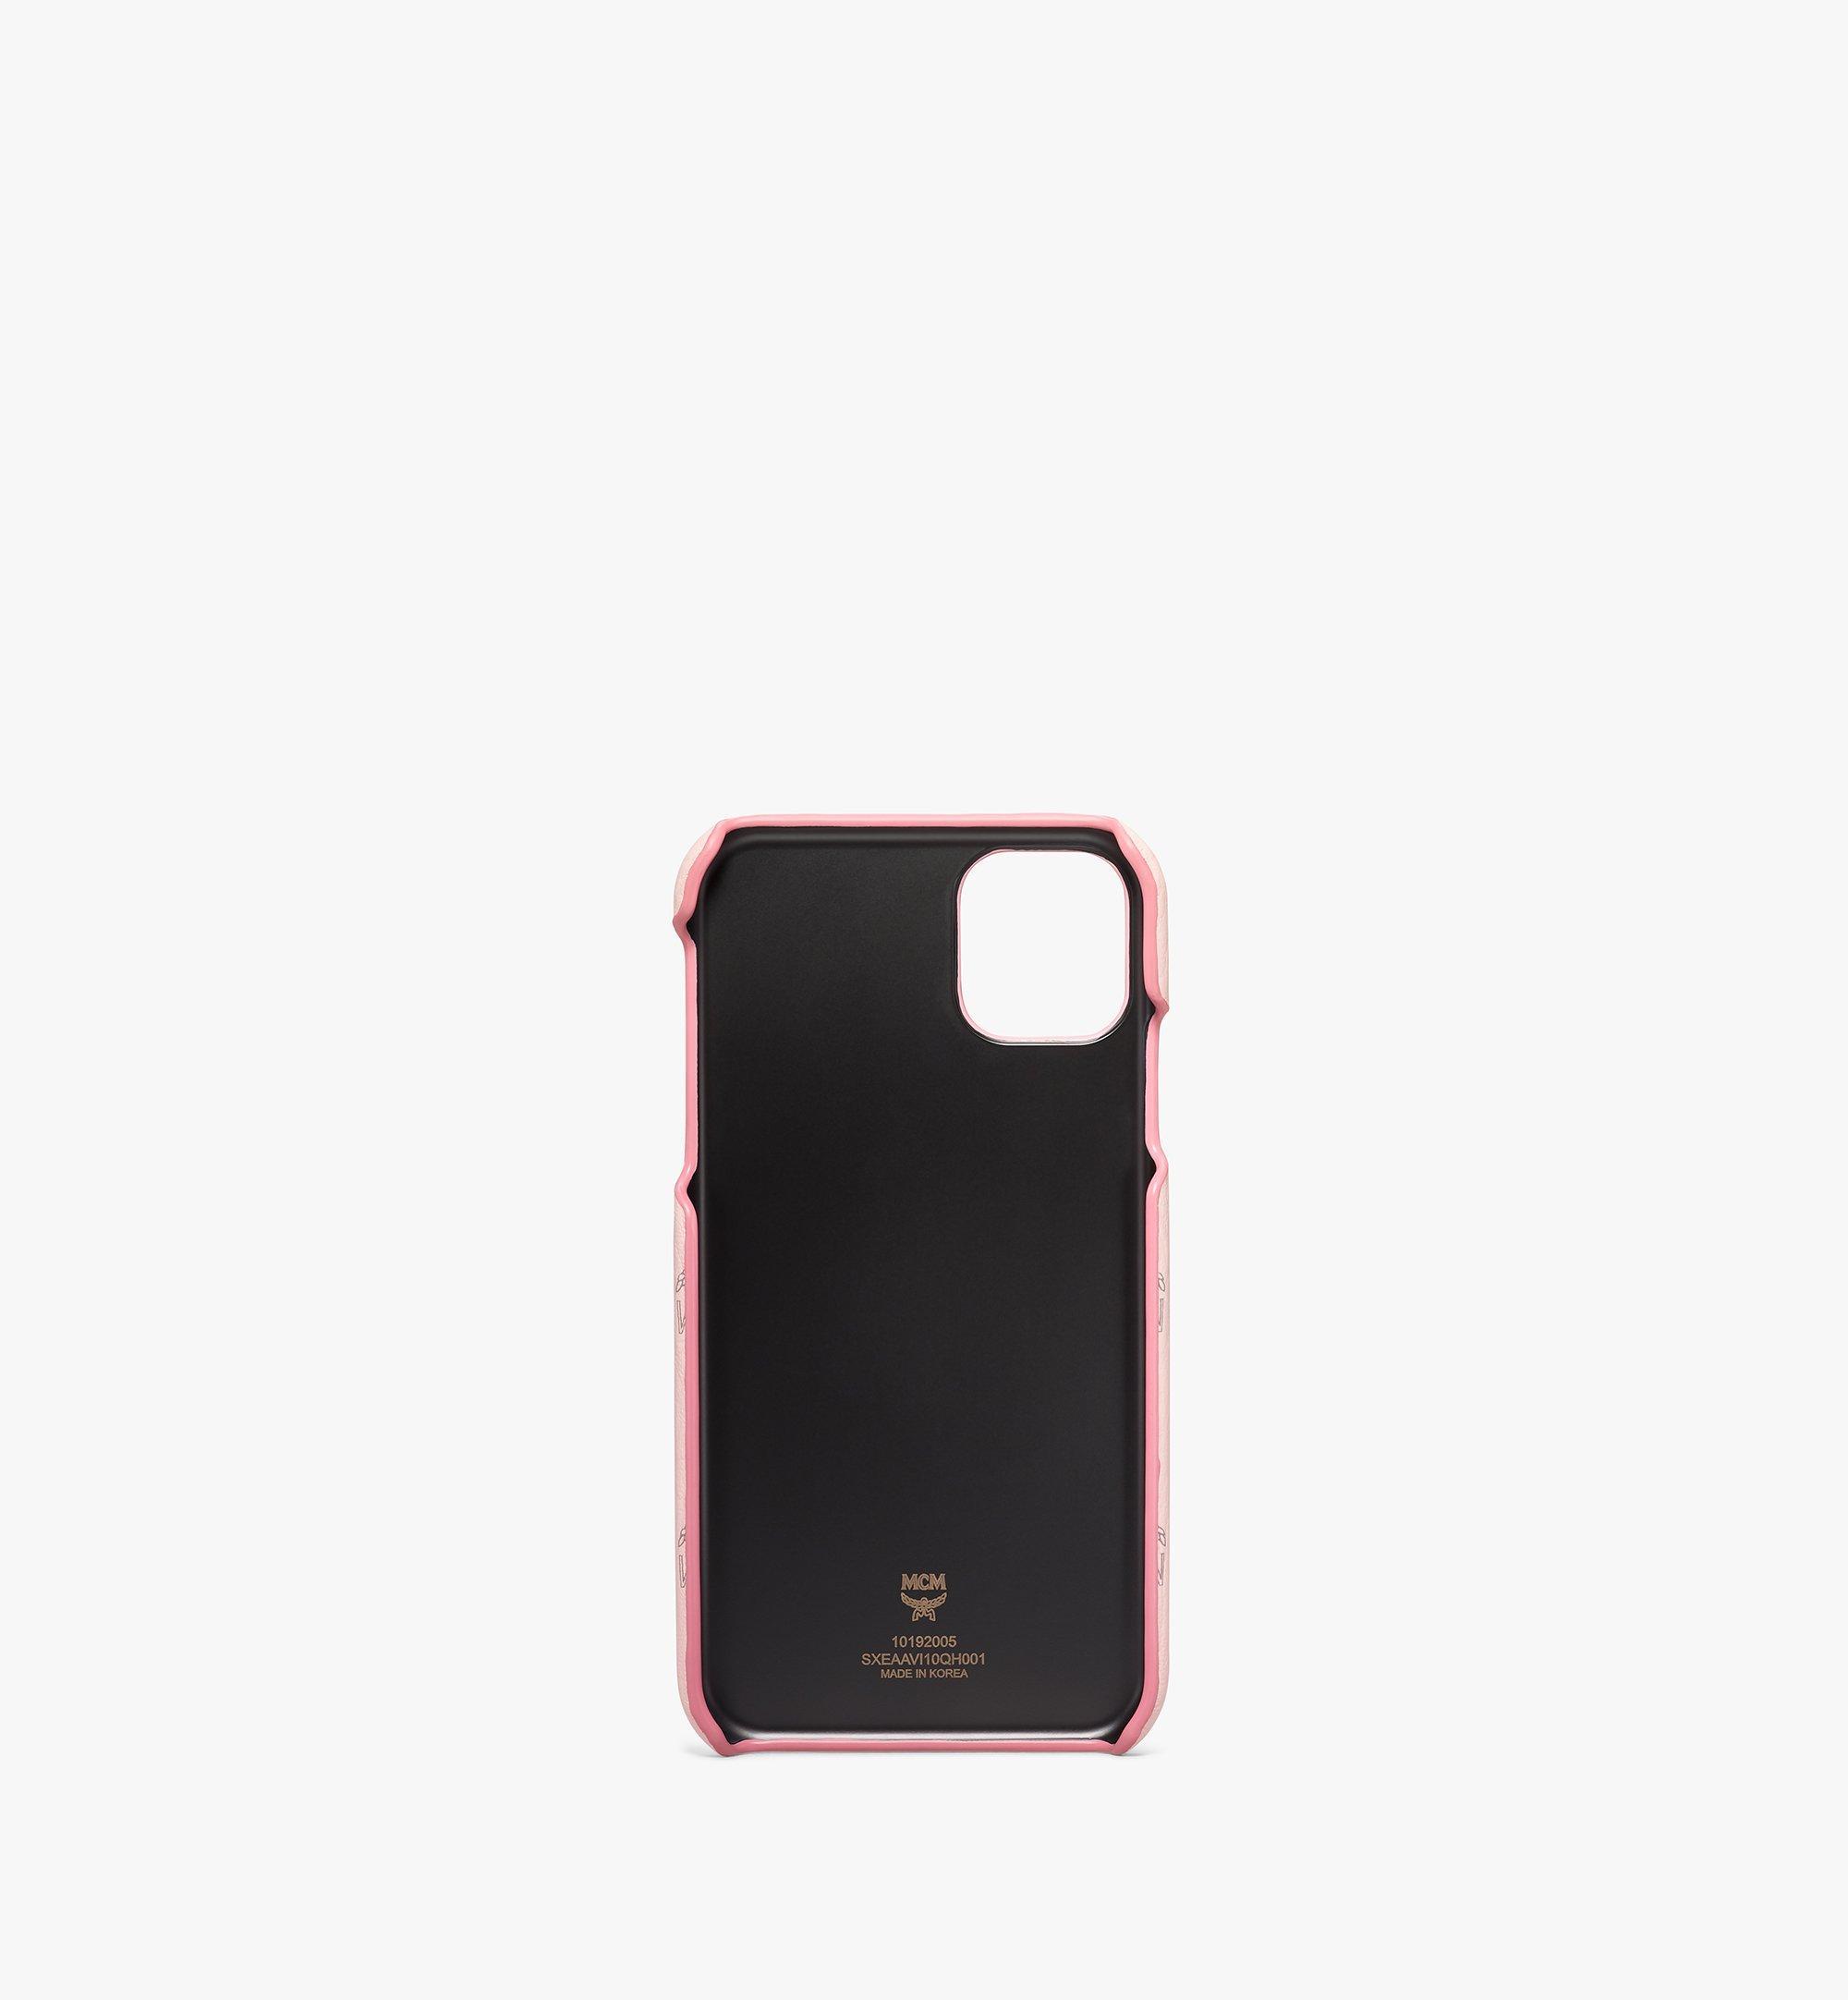 MCM iPhone 11 Case in Visetos Original Pink MXEAAVI10QH001 Alternate View 2